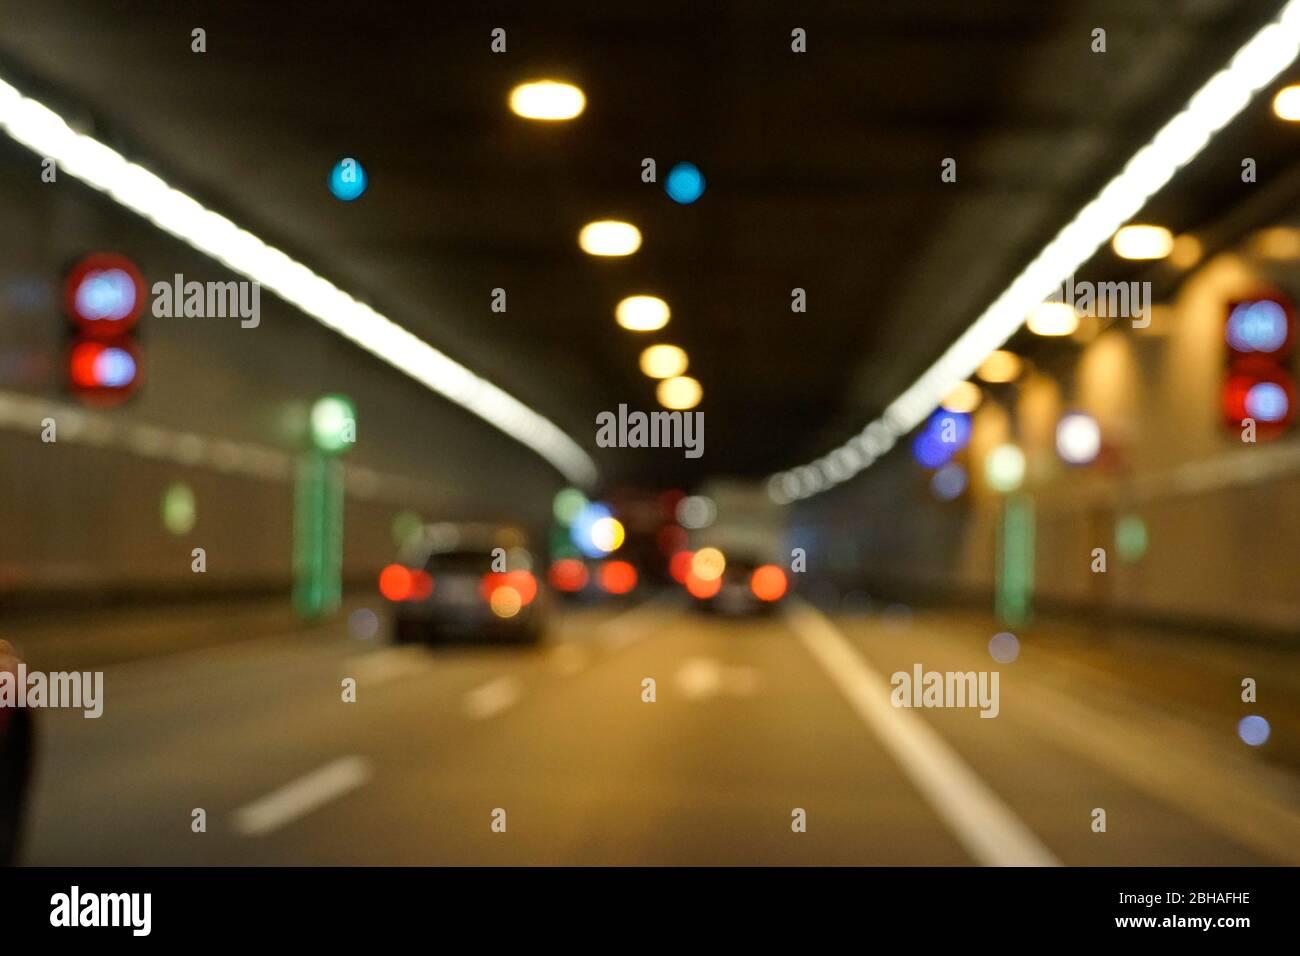 Deutschland, Bayern, München, Richard-Strauß-Straßentunnel, Verkehr, Autos, unscharf, verschwommen Stock Photo